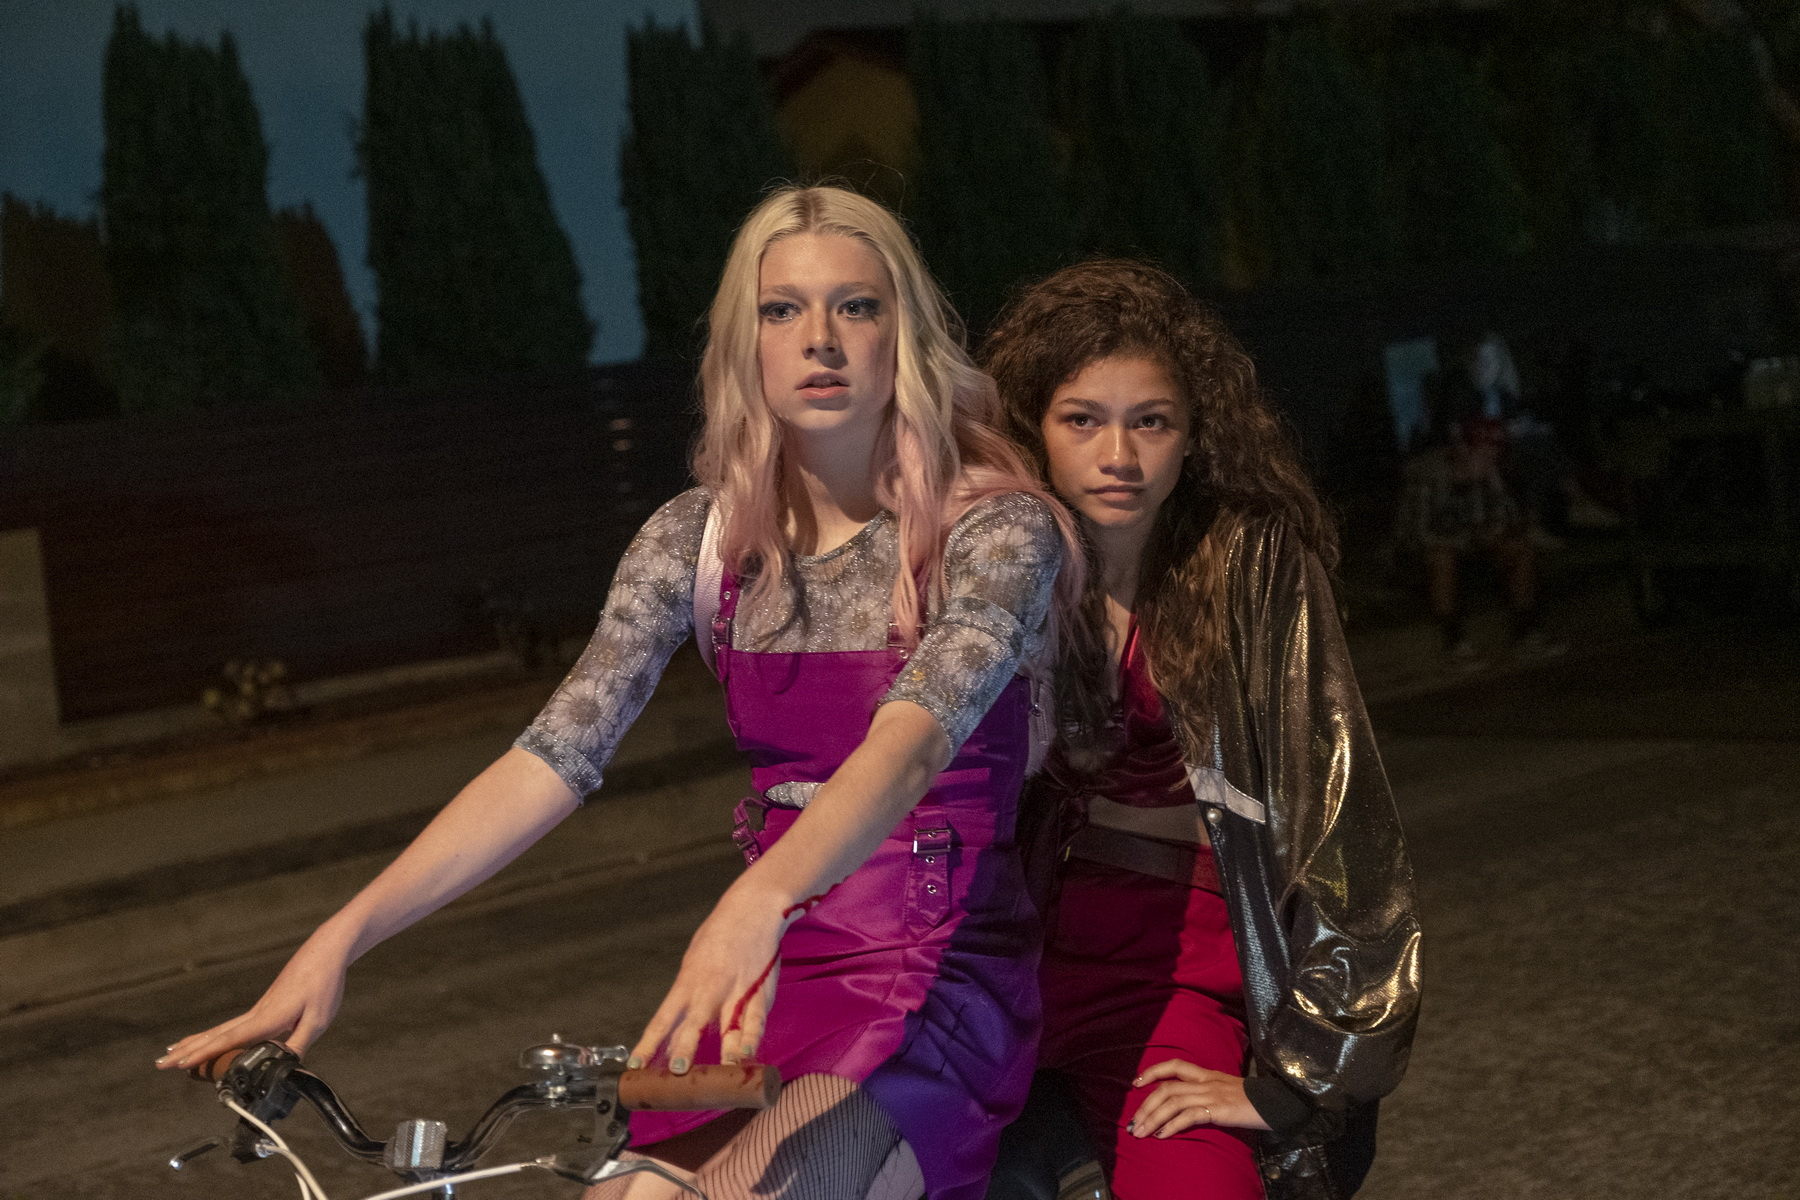 """דור ה-Z בדרכו להרוג את תעשיית הקסדות (זנדאיה והאנטר שייפר ב""""אופוריה"""" של HBO)"""